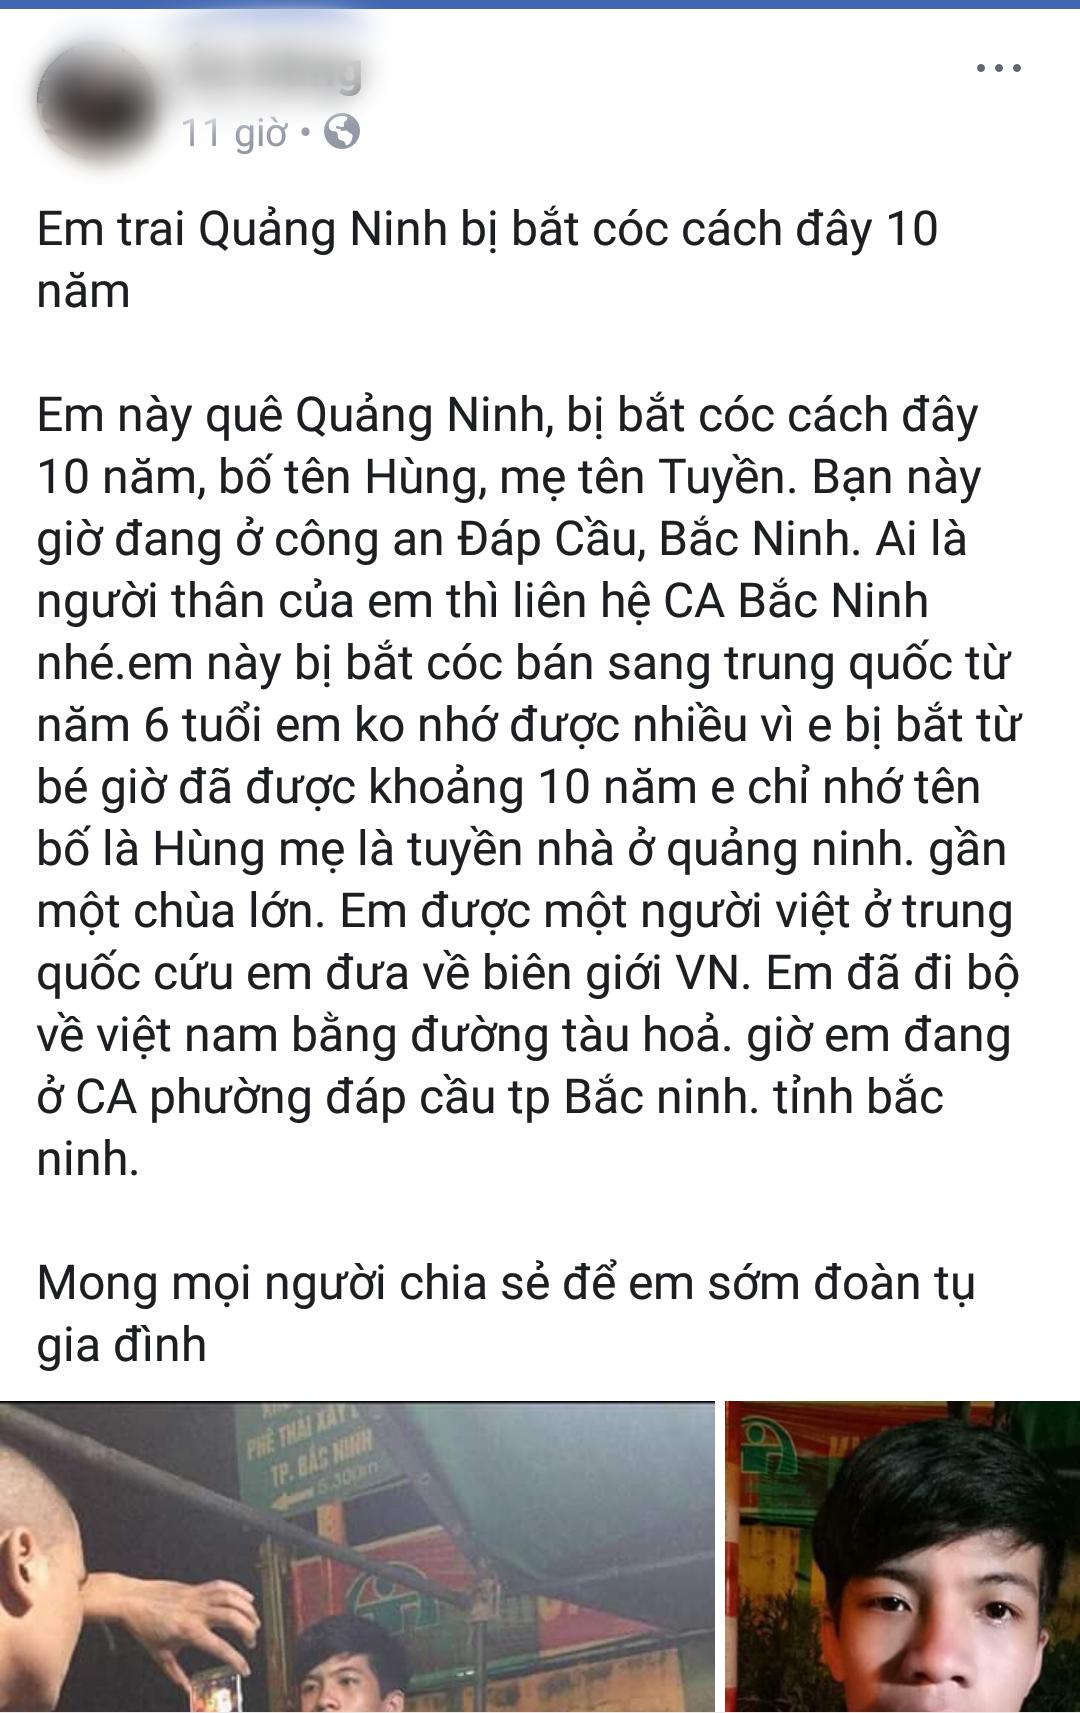 Xôn xao nam thanh niên bị bắt cóc sang Trung Quốc 10 năm vừa trốn về Việt Nam nhưng không nhớ thông tin gia đình - Ảnh 1.